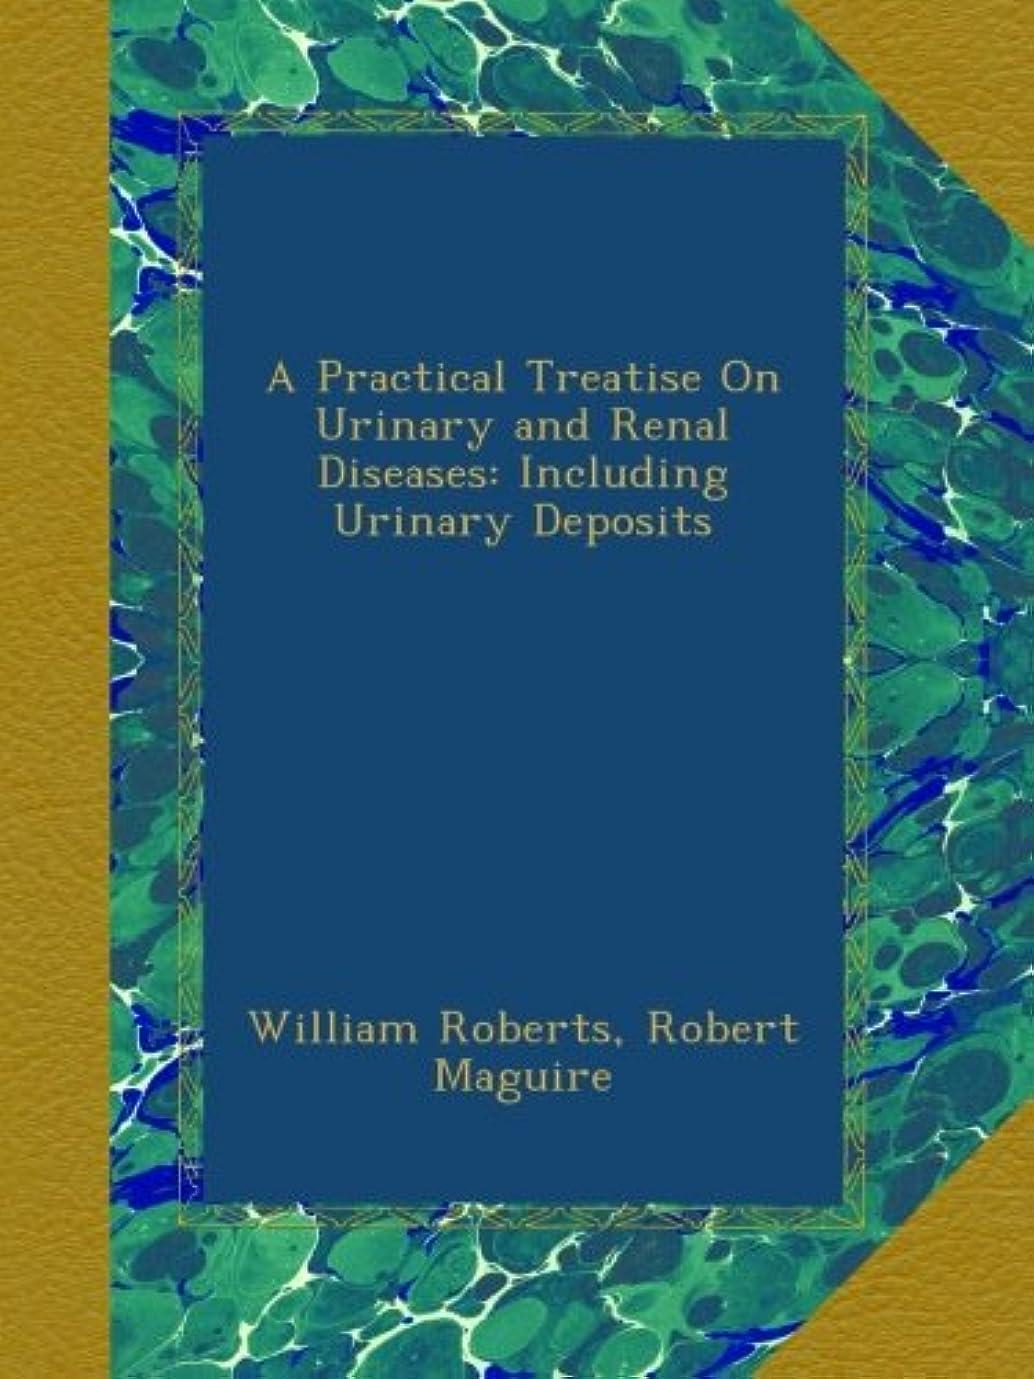 専制ハンサム下るA Practical Treatise On Urinary and Renal Diseases: Including Urinary Deposits